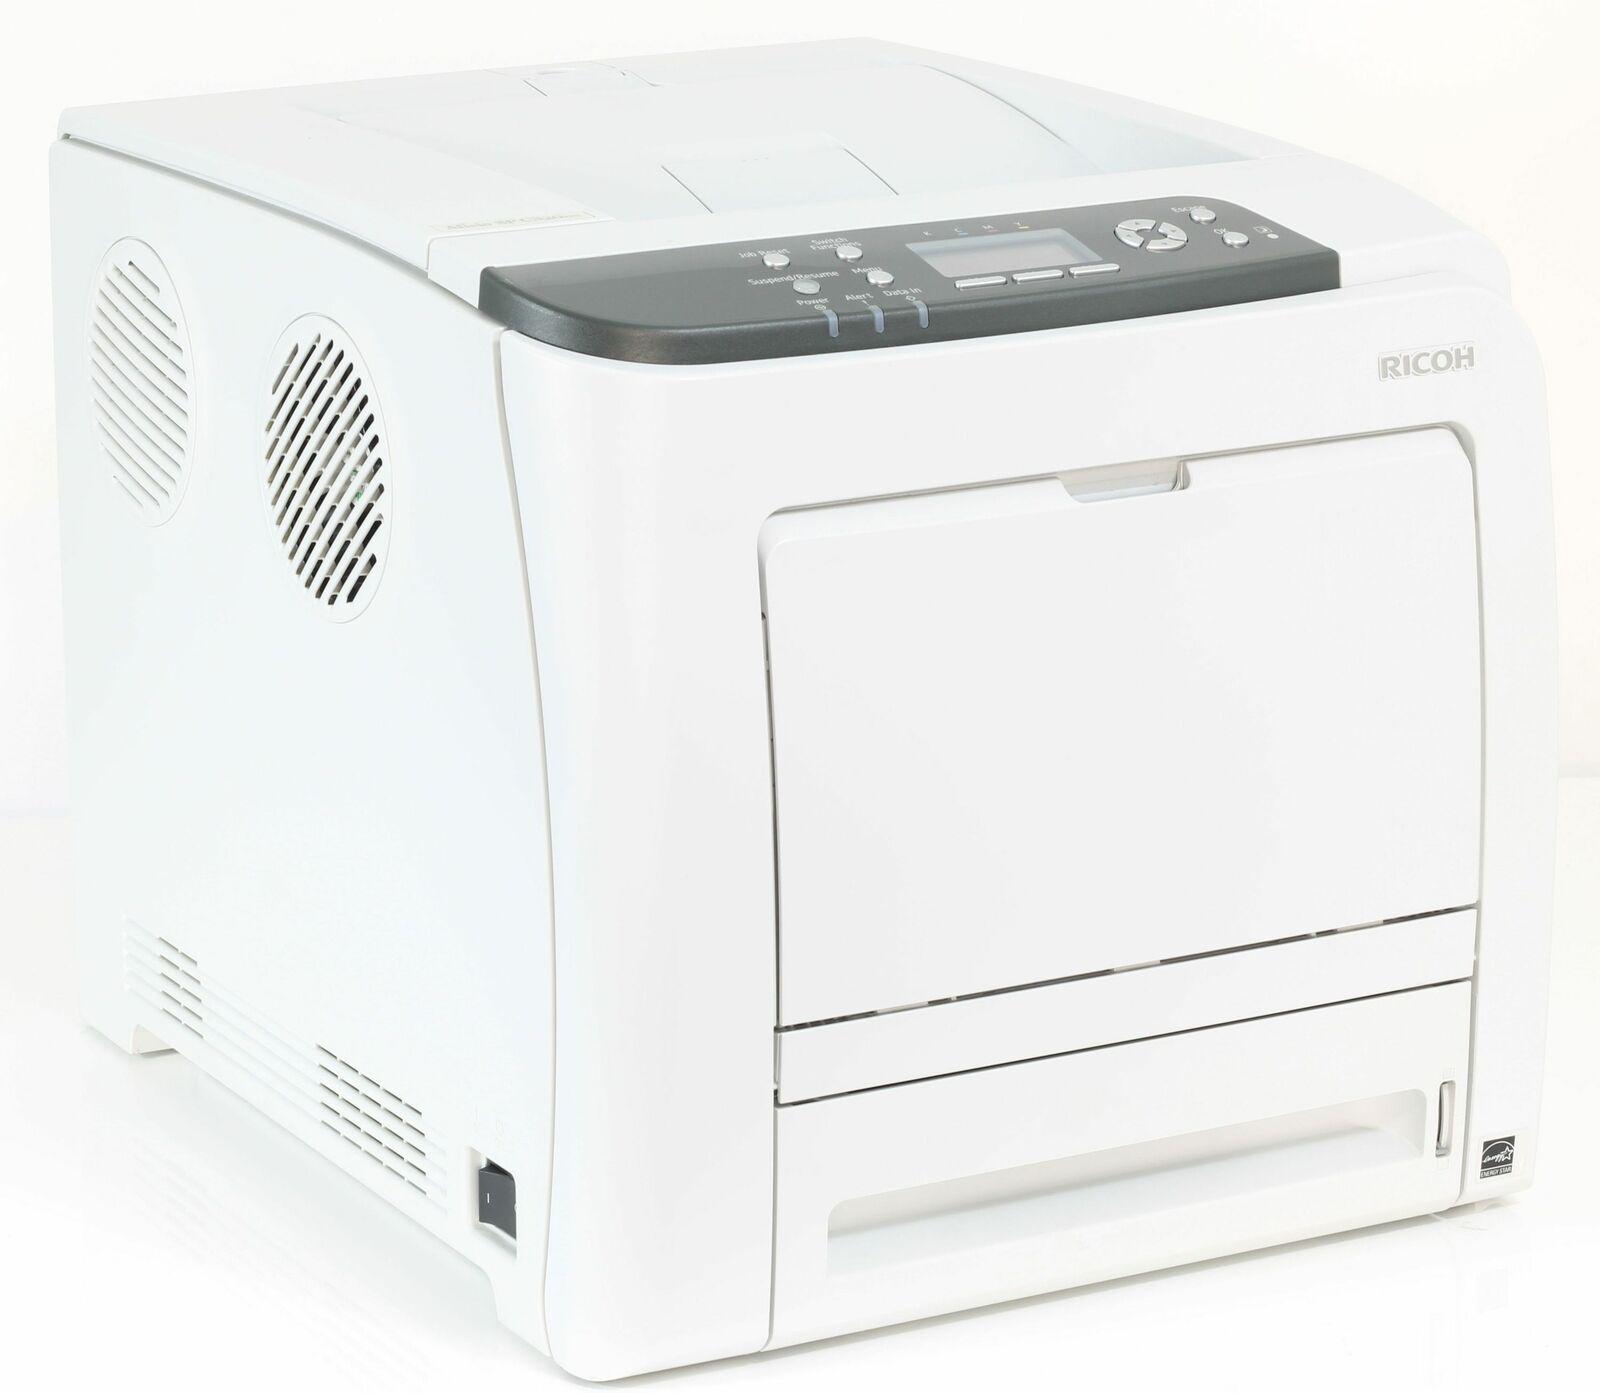 Ricoh aficio sp c320dn imprimante couleur laser sous 75.000 pages imprimées